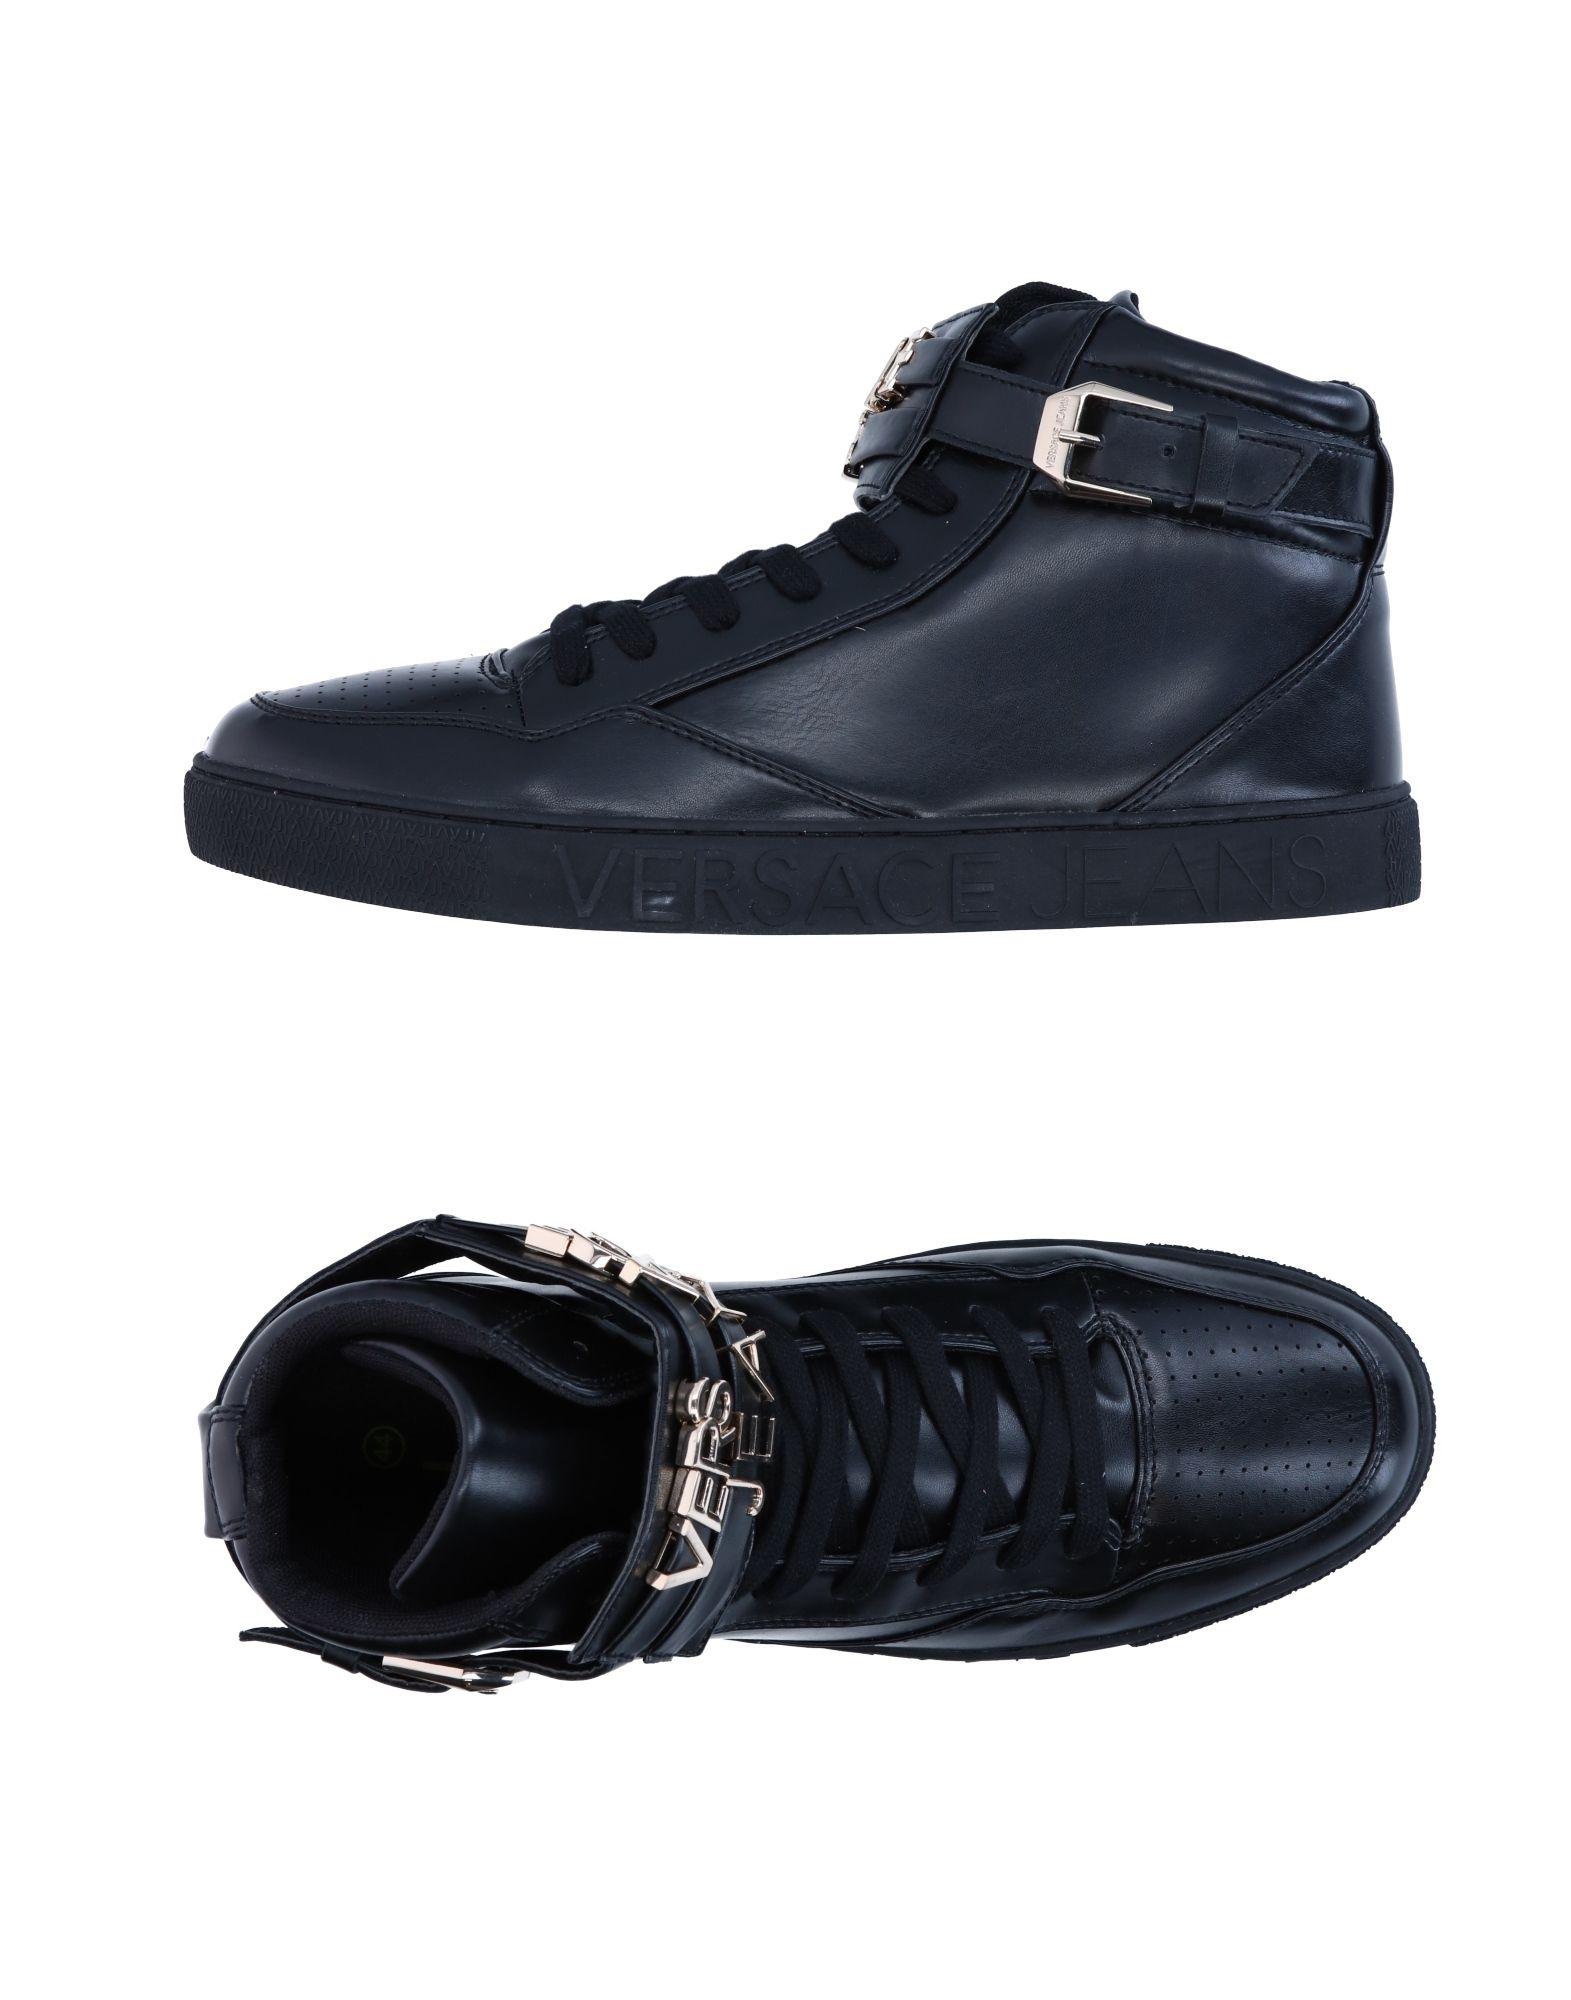 Rabatt Schuhe echte Schuhe Rabatt Versace Jeans Sneakers Herren  11283097SH 534f31